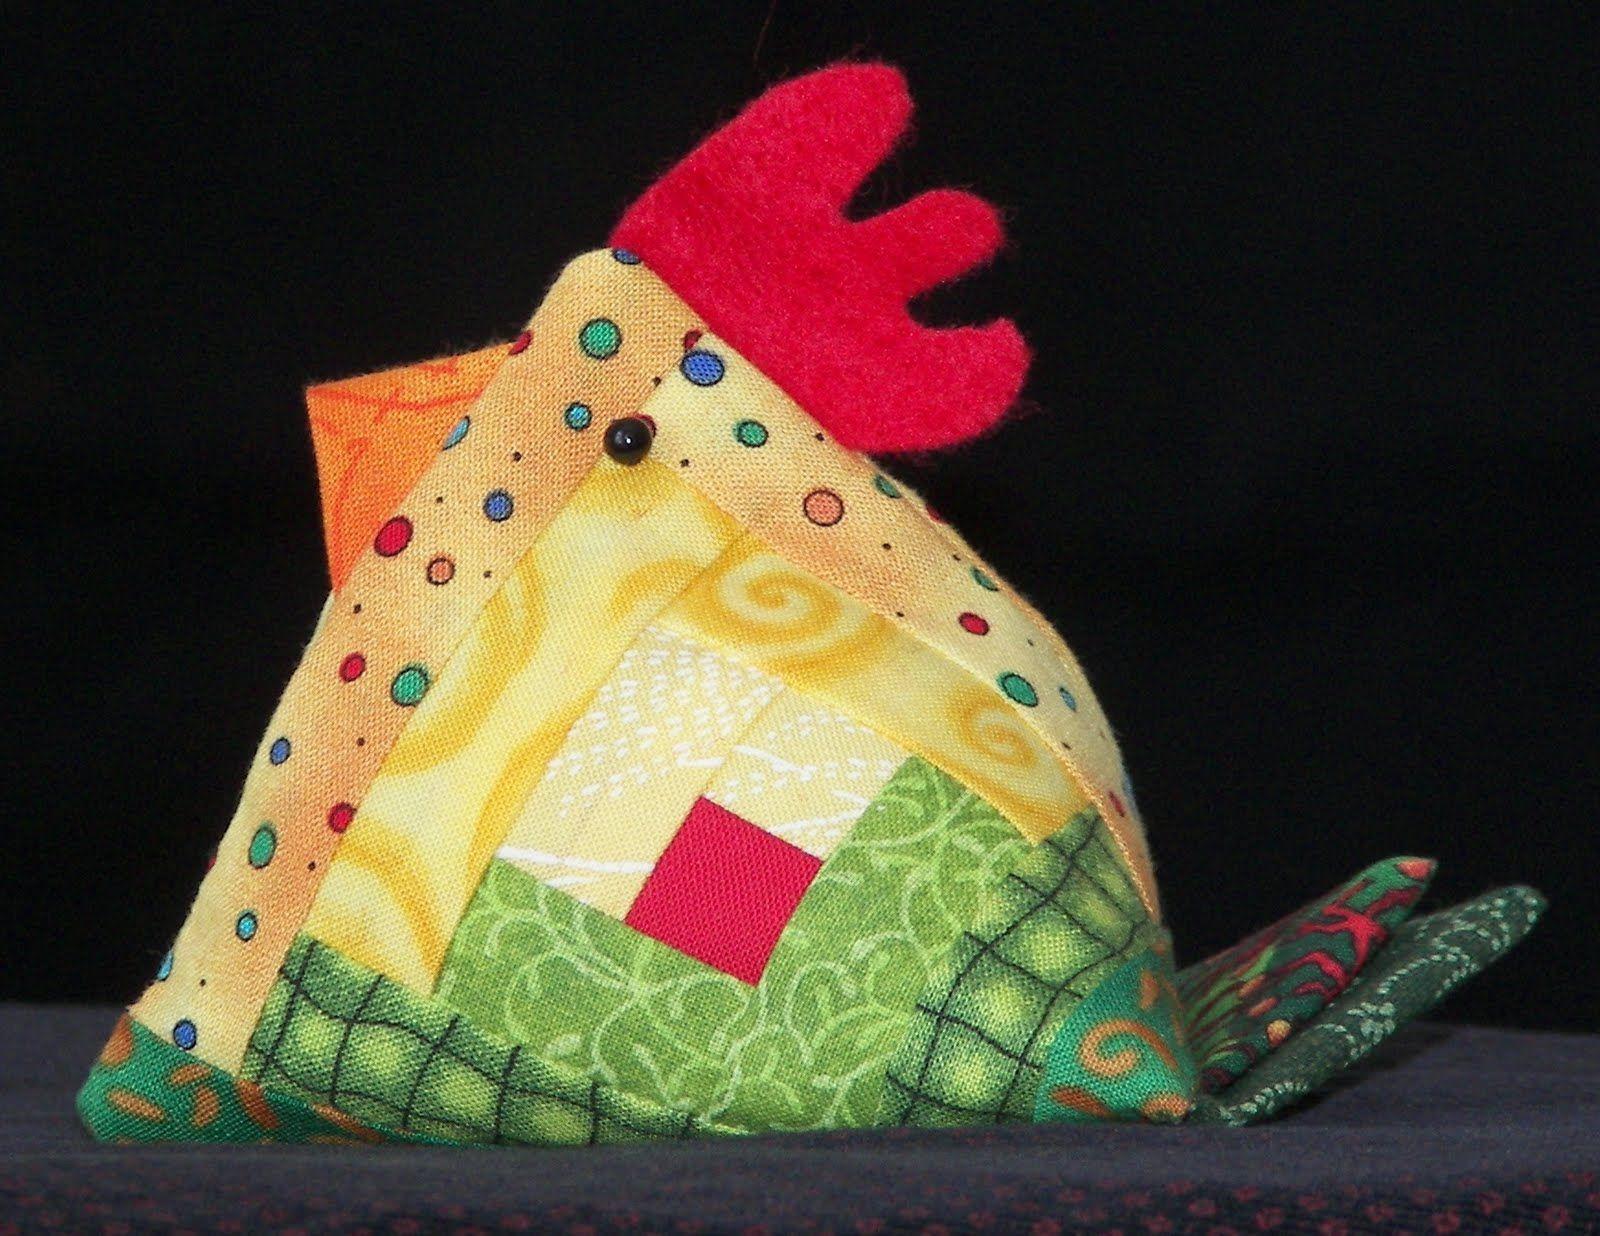 chicken quilt patterns free | trusty log cabin chicken pincushion ...